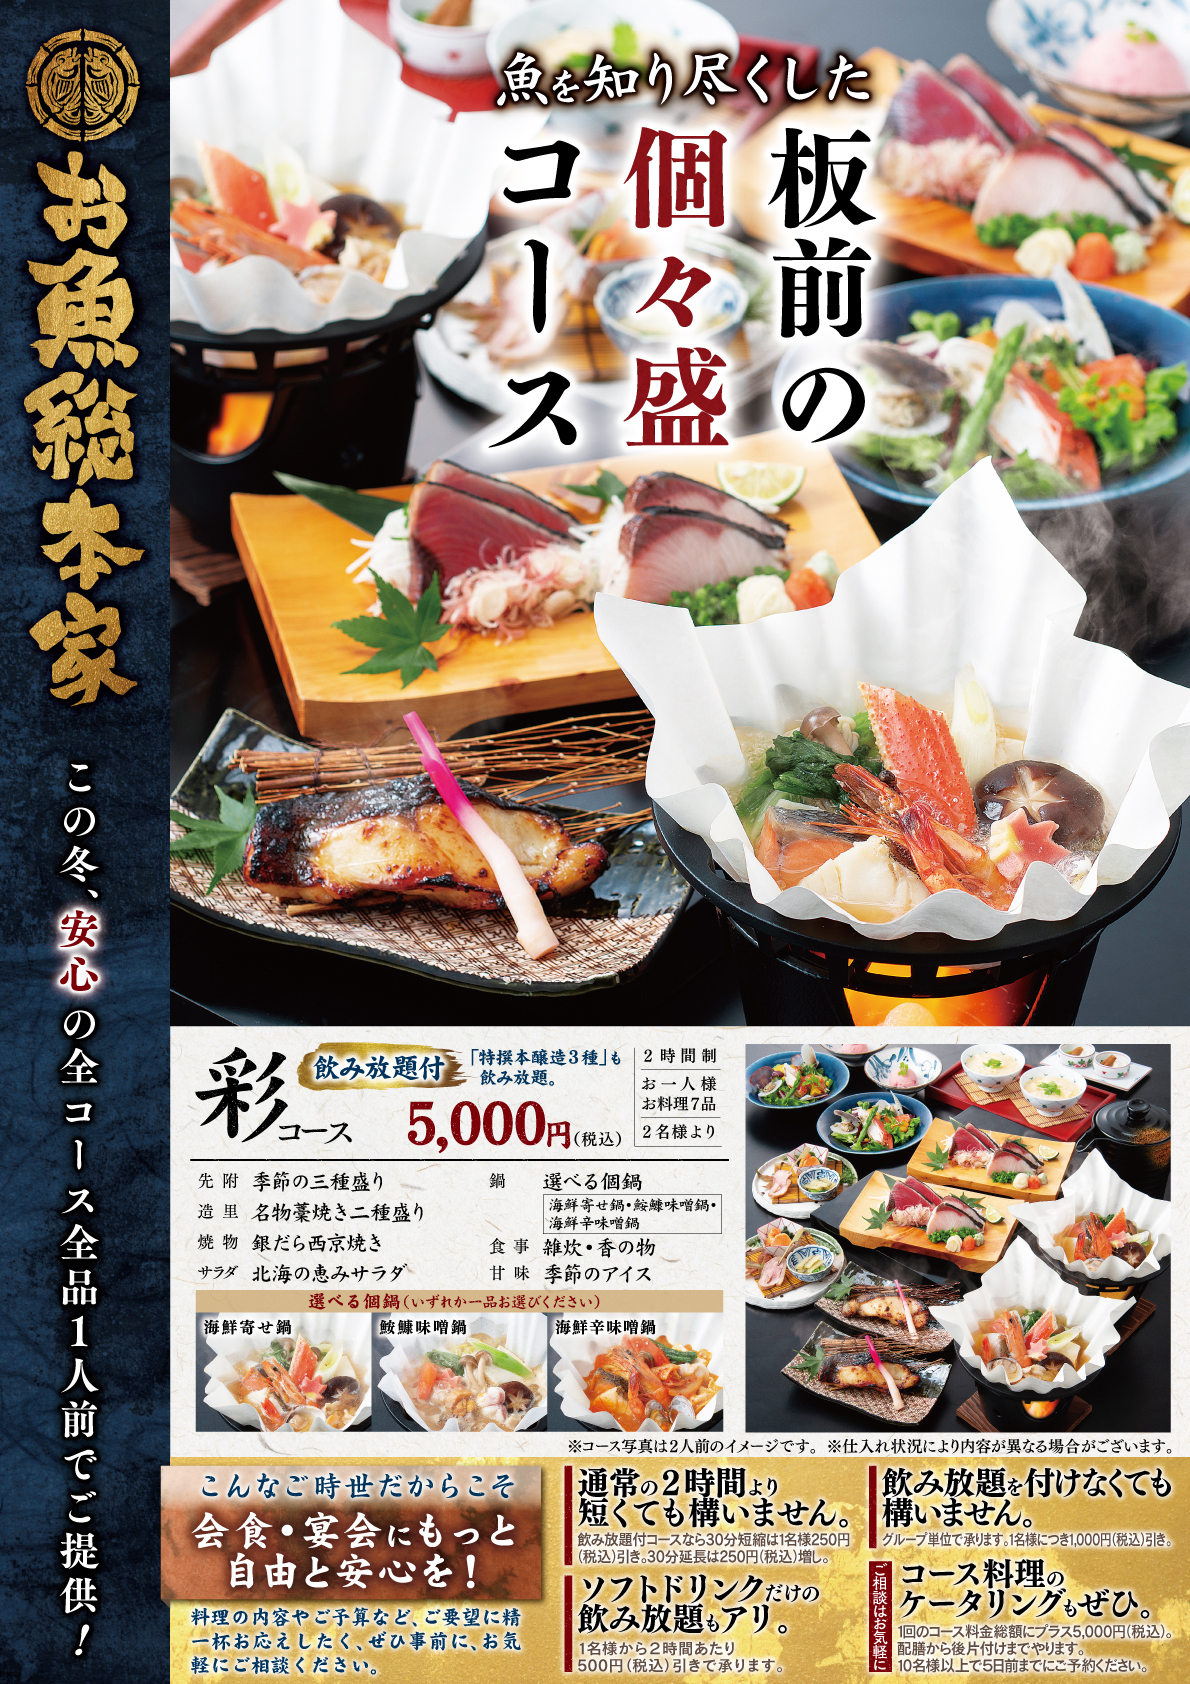 【お魚総本家】11月17日より「板前の個々盛コース」登場!